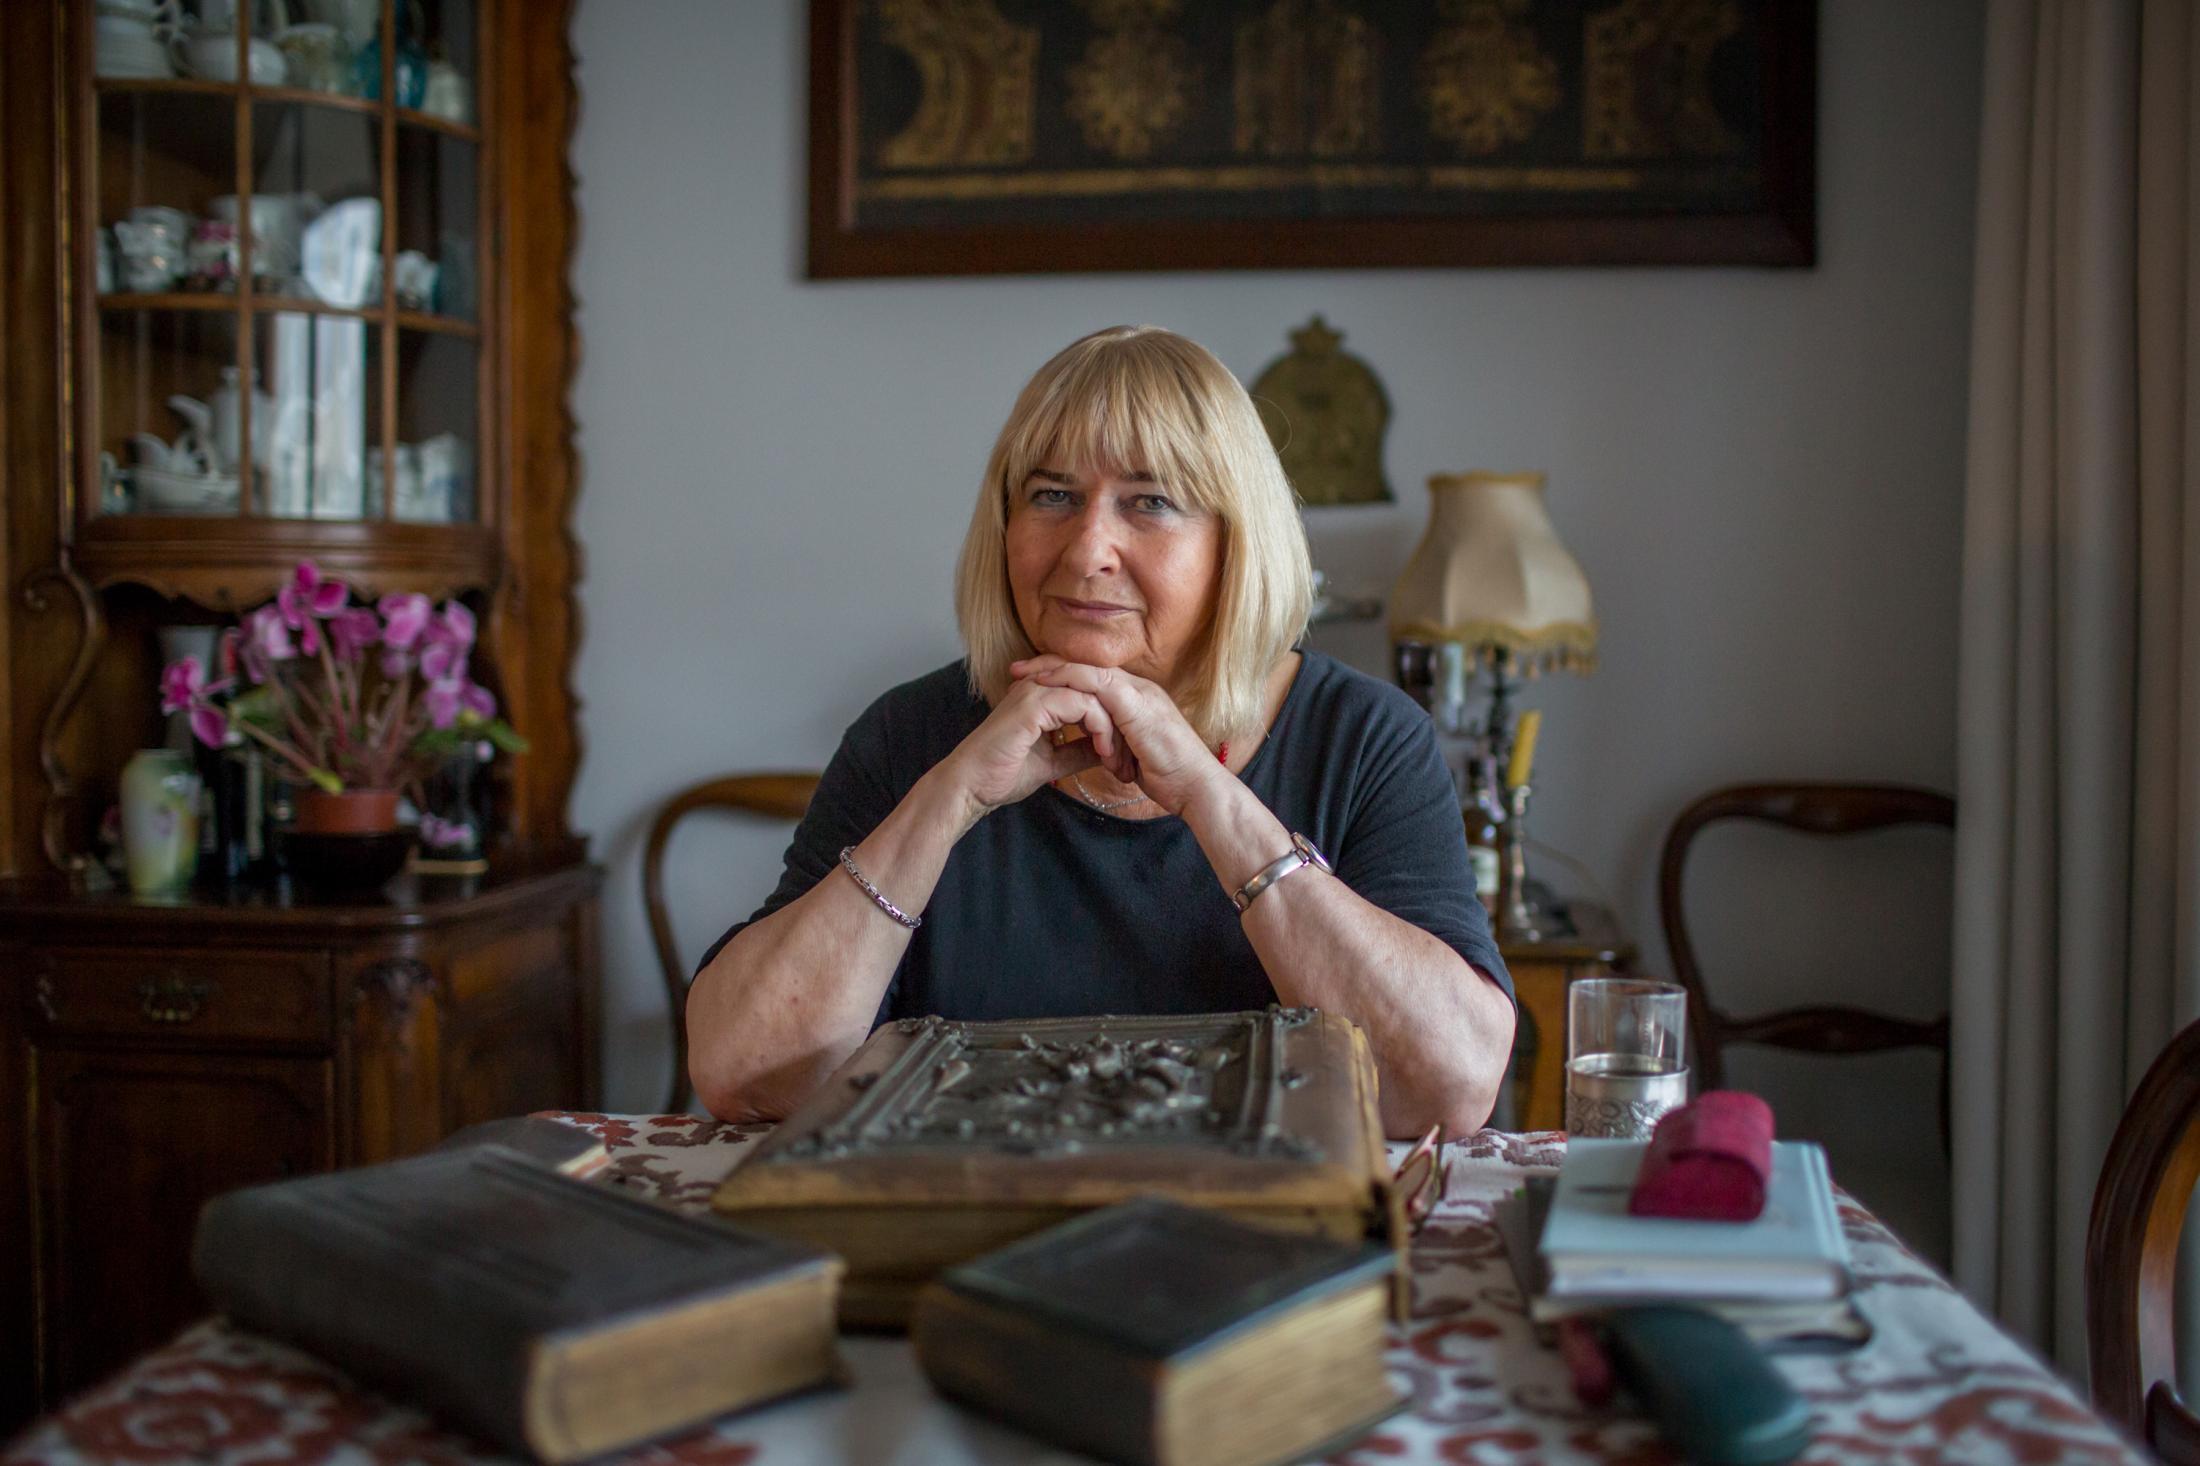 Elżbieta Bieta Ficowska / on assignment for POLIN